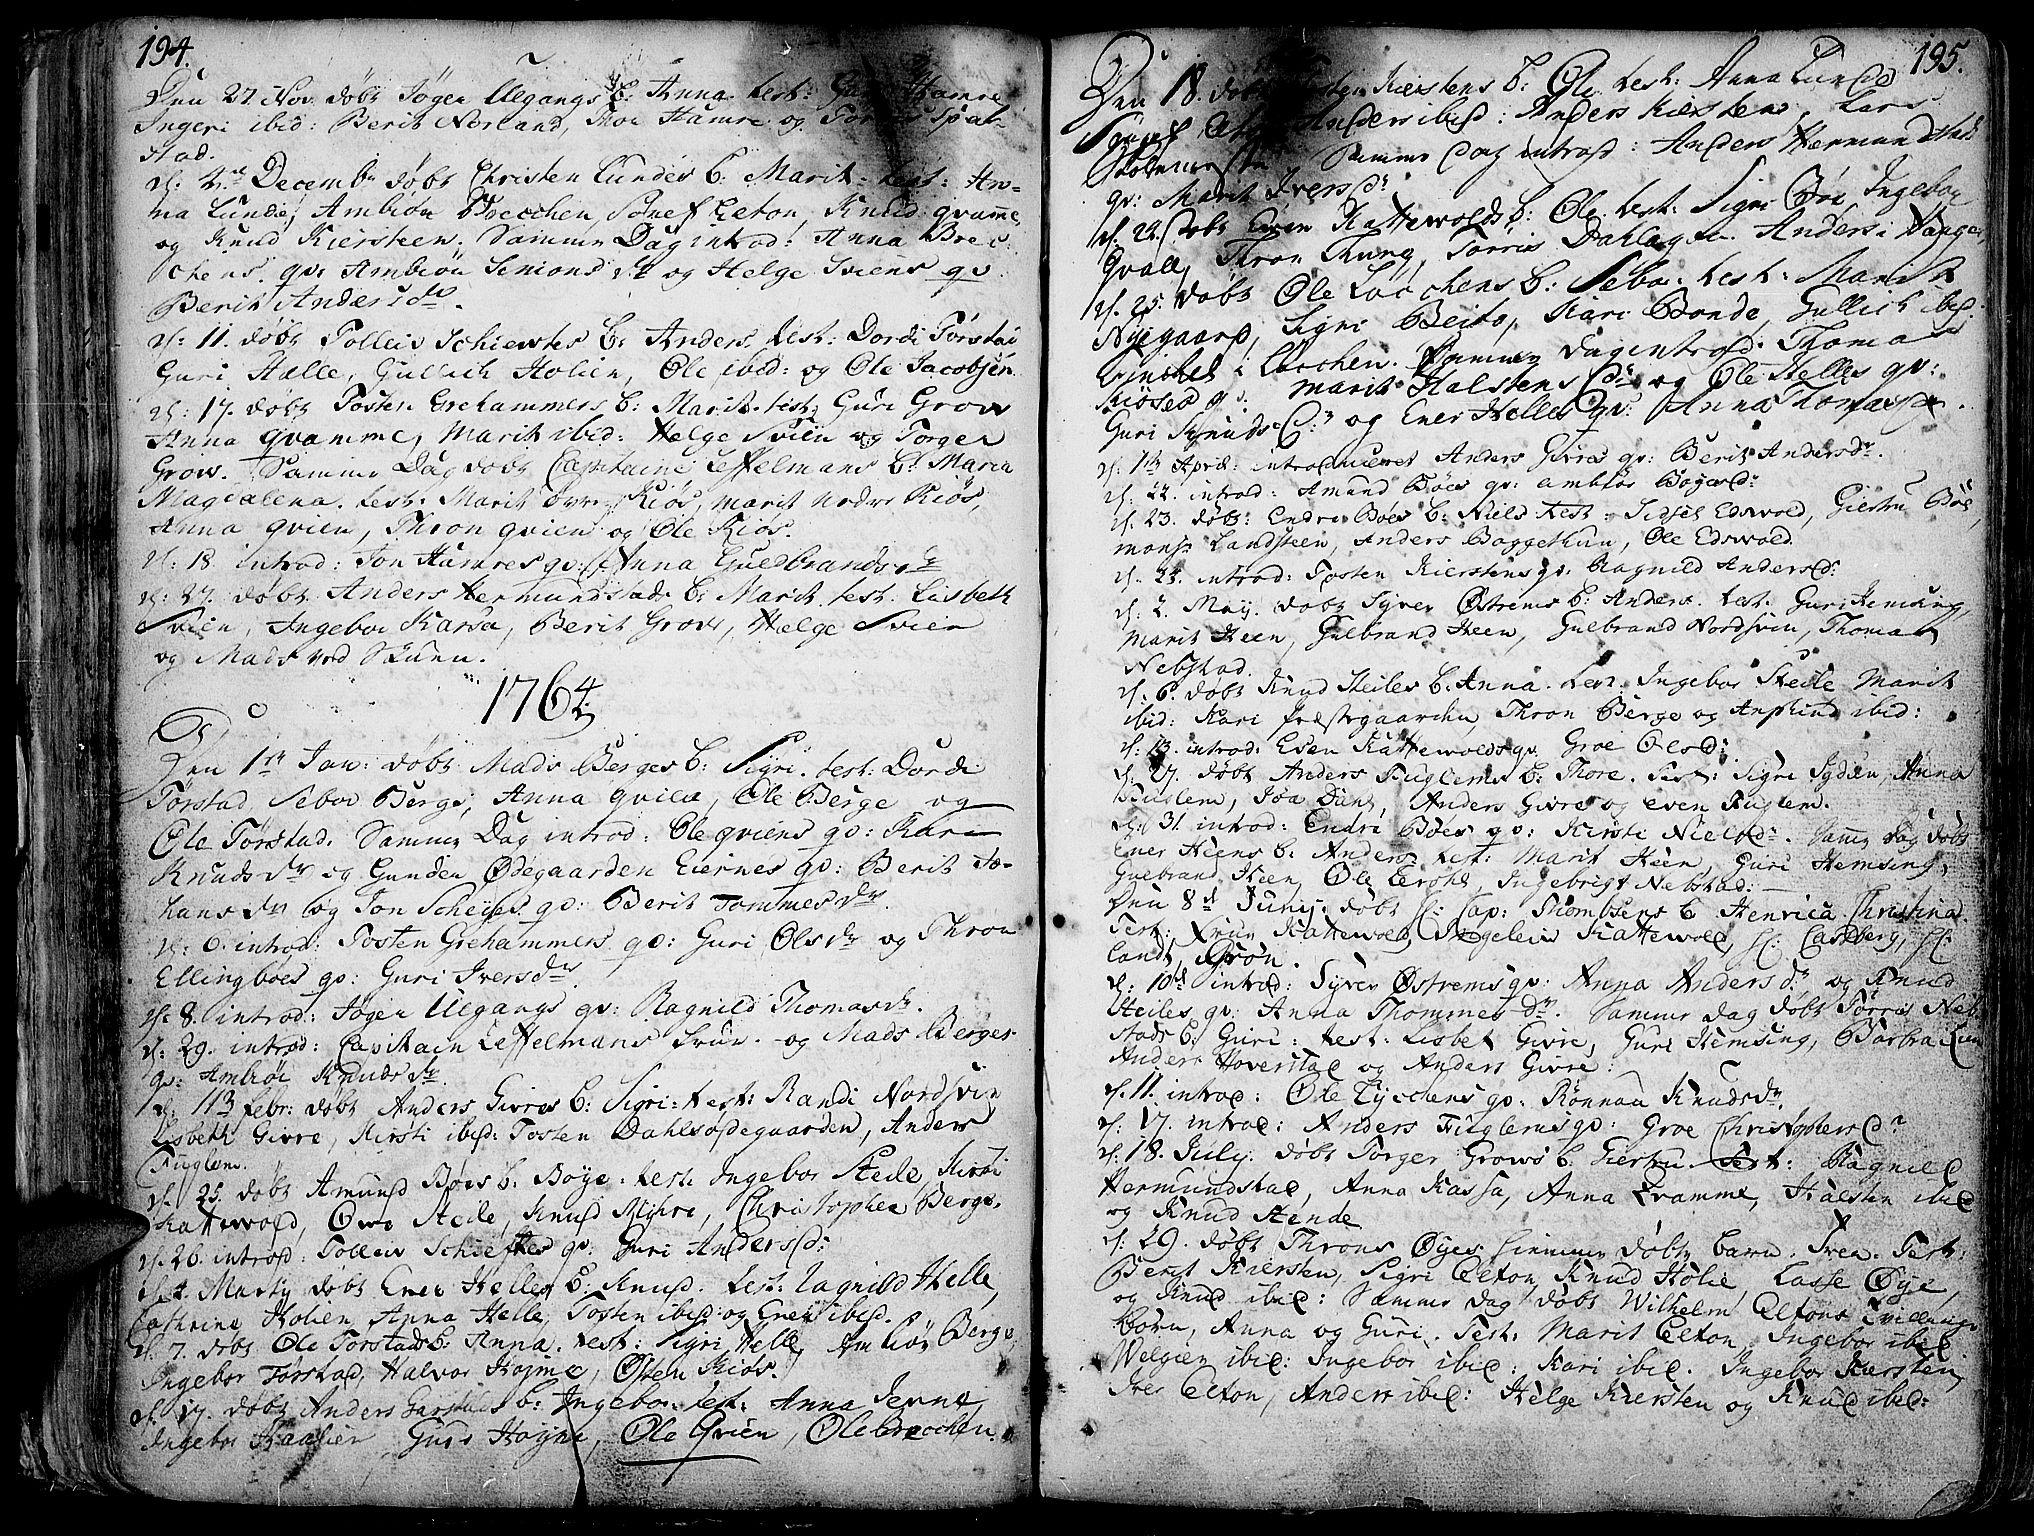 SAH, Vang prestekontor, Valdres, Ministerialbok nr. 1, 1730-1796, s. 194-195